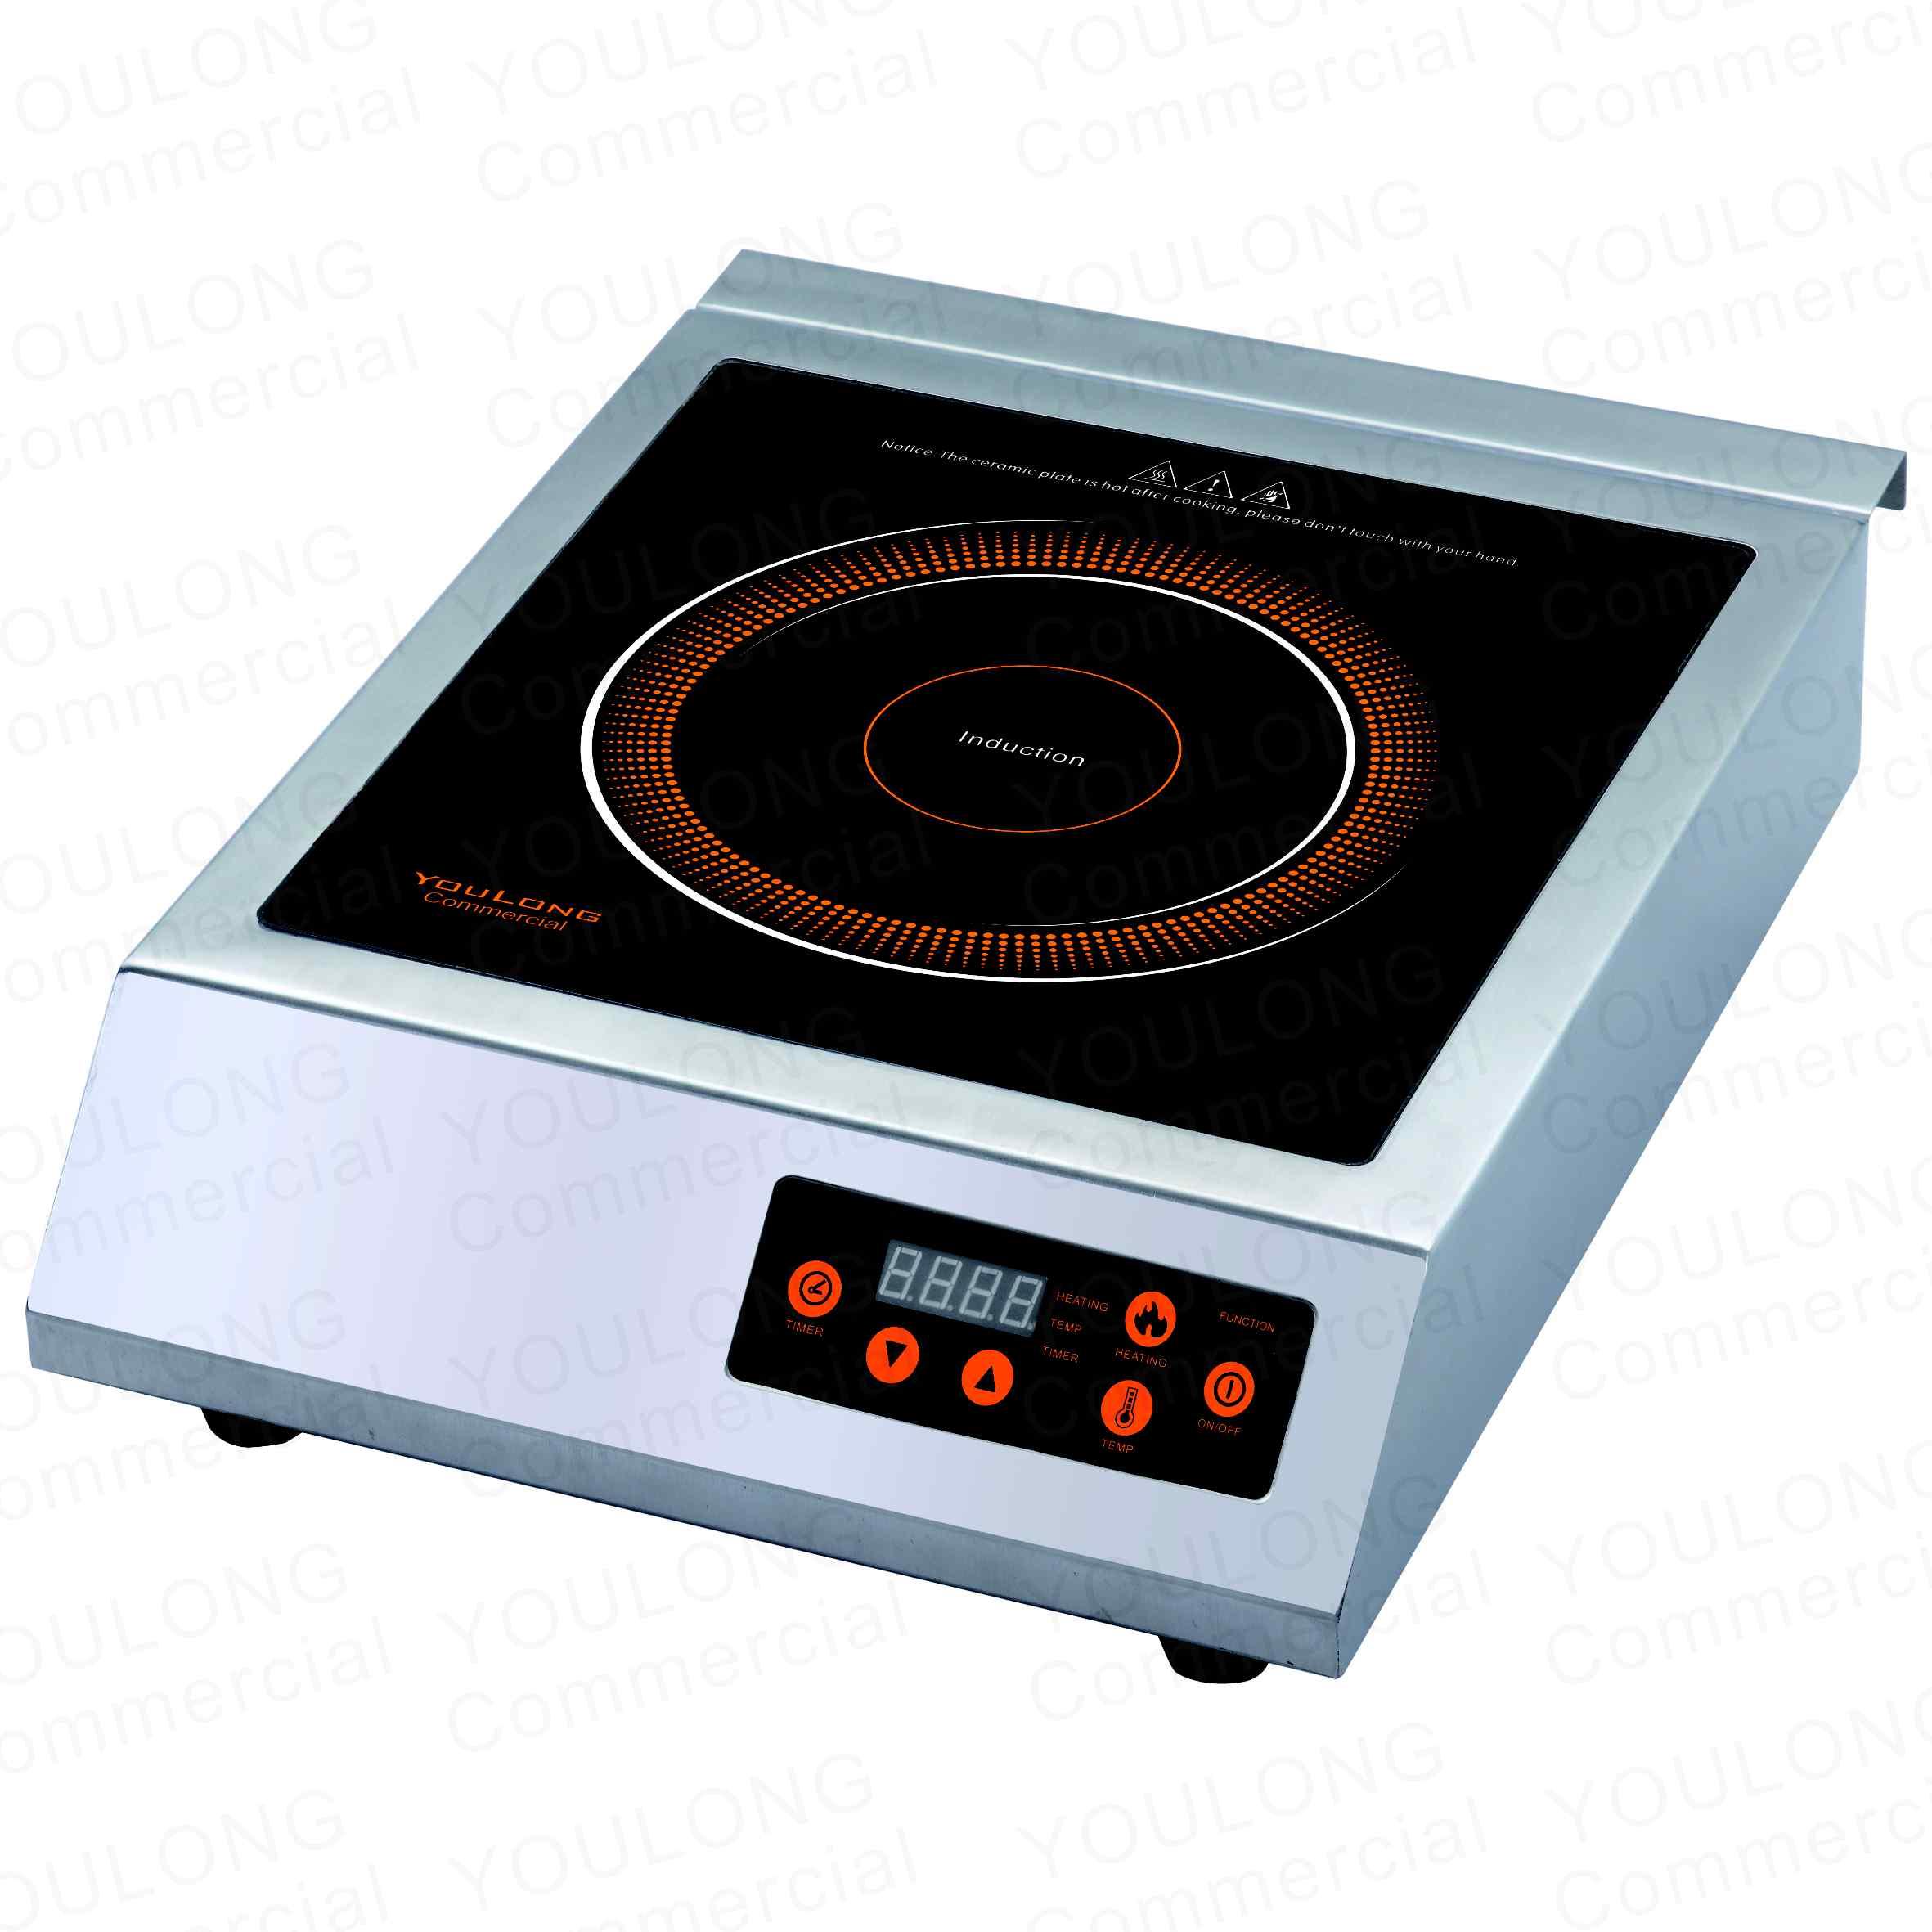 indnuction cooker(1 burner)C3512-B Press Control